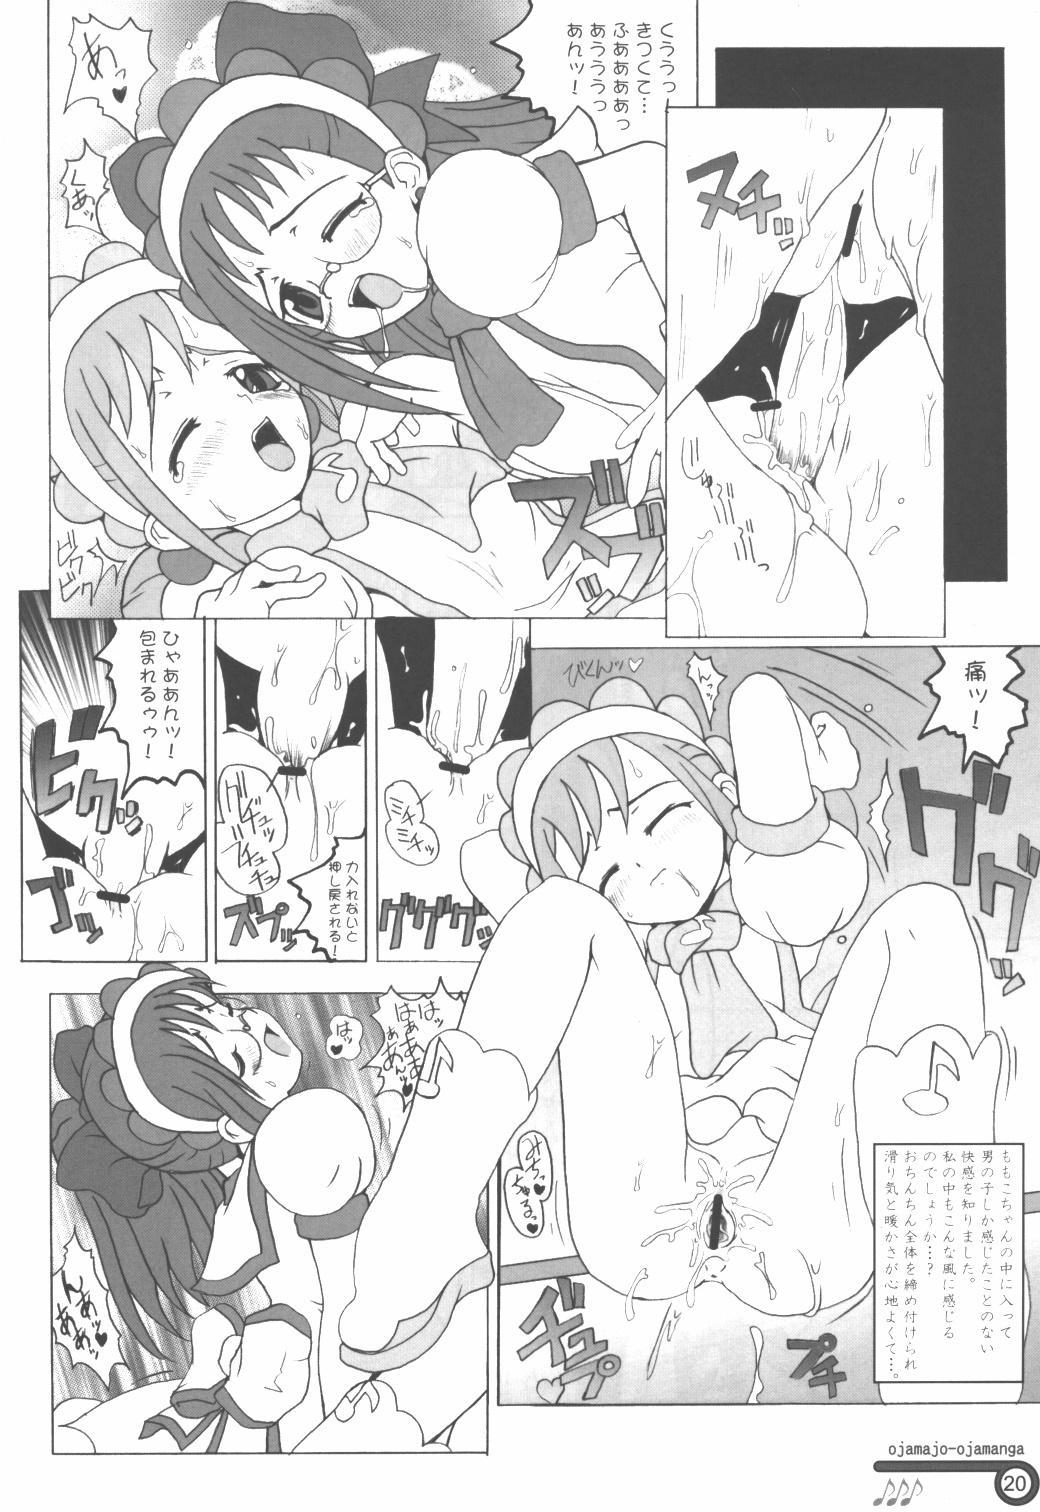 (Puniket 4) [Shiran-dou (shiran)] Hazuki Chuudoku Shoukougun | Haduki-Poisoning-Syndrome (Ojamajo Doremi) 18